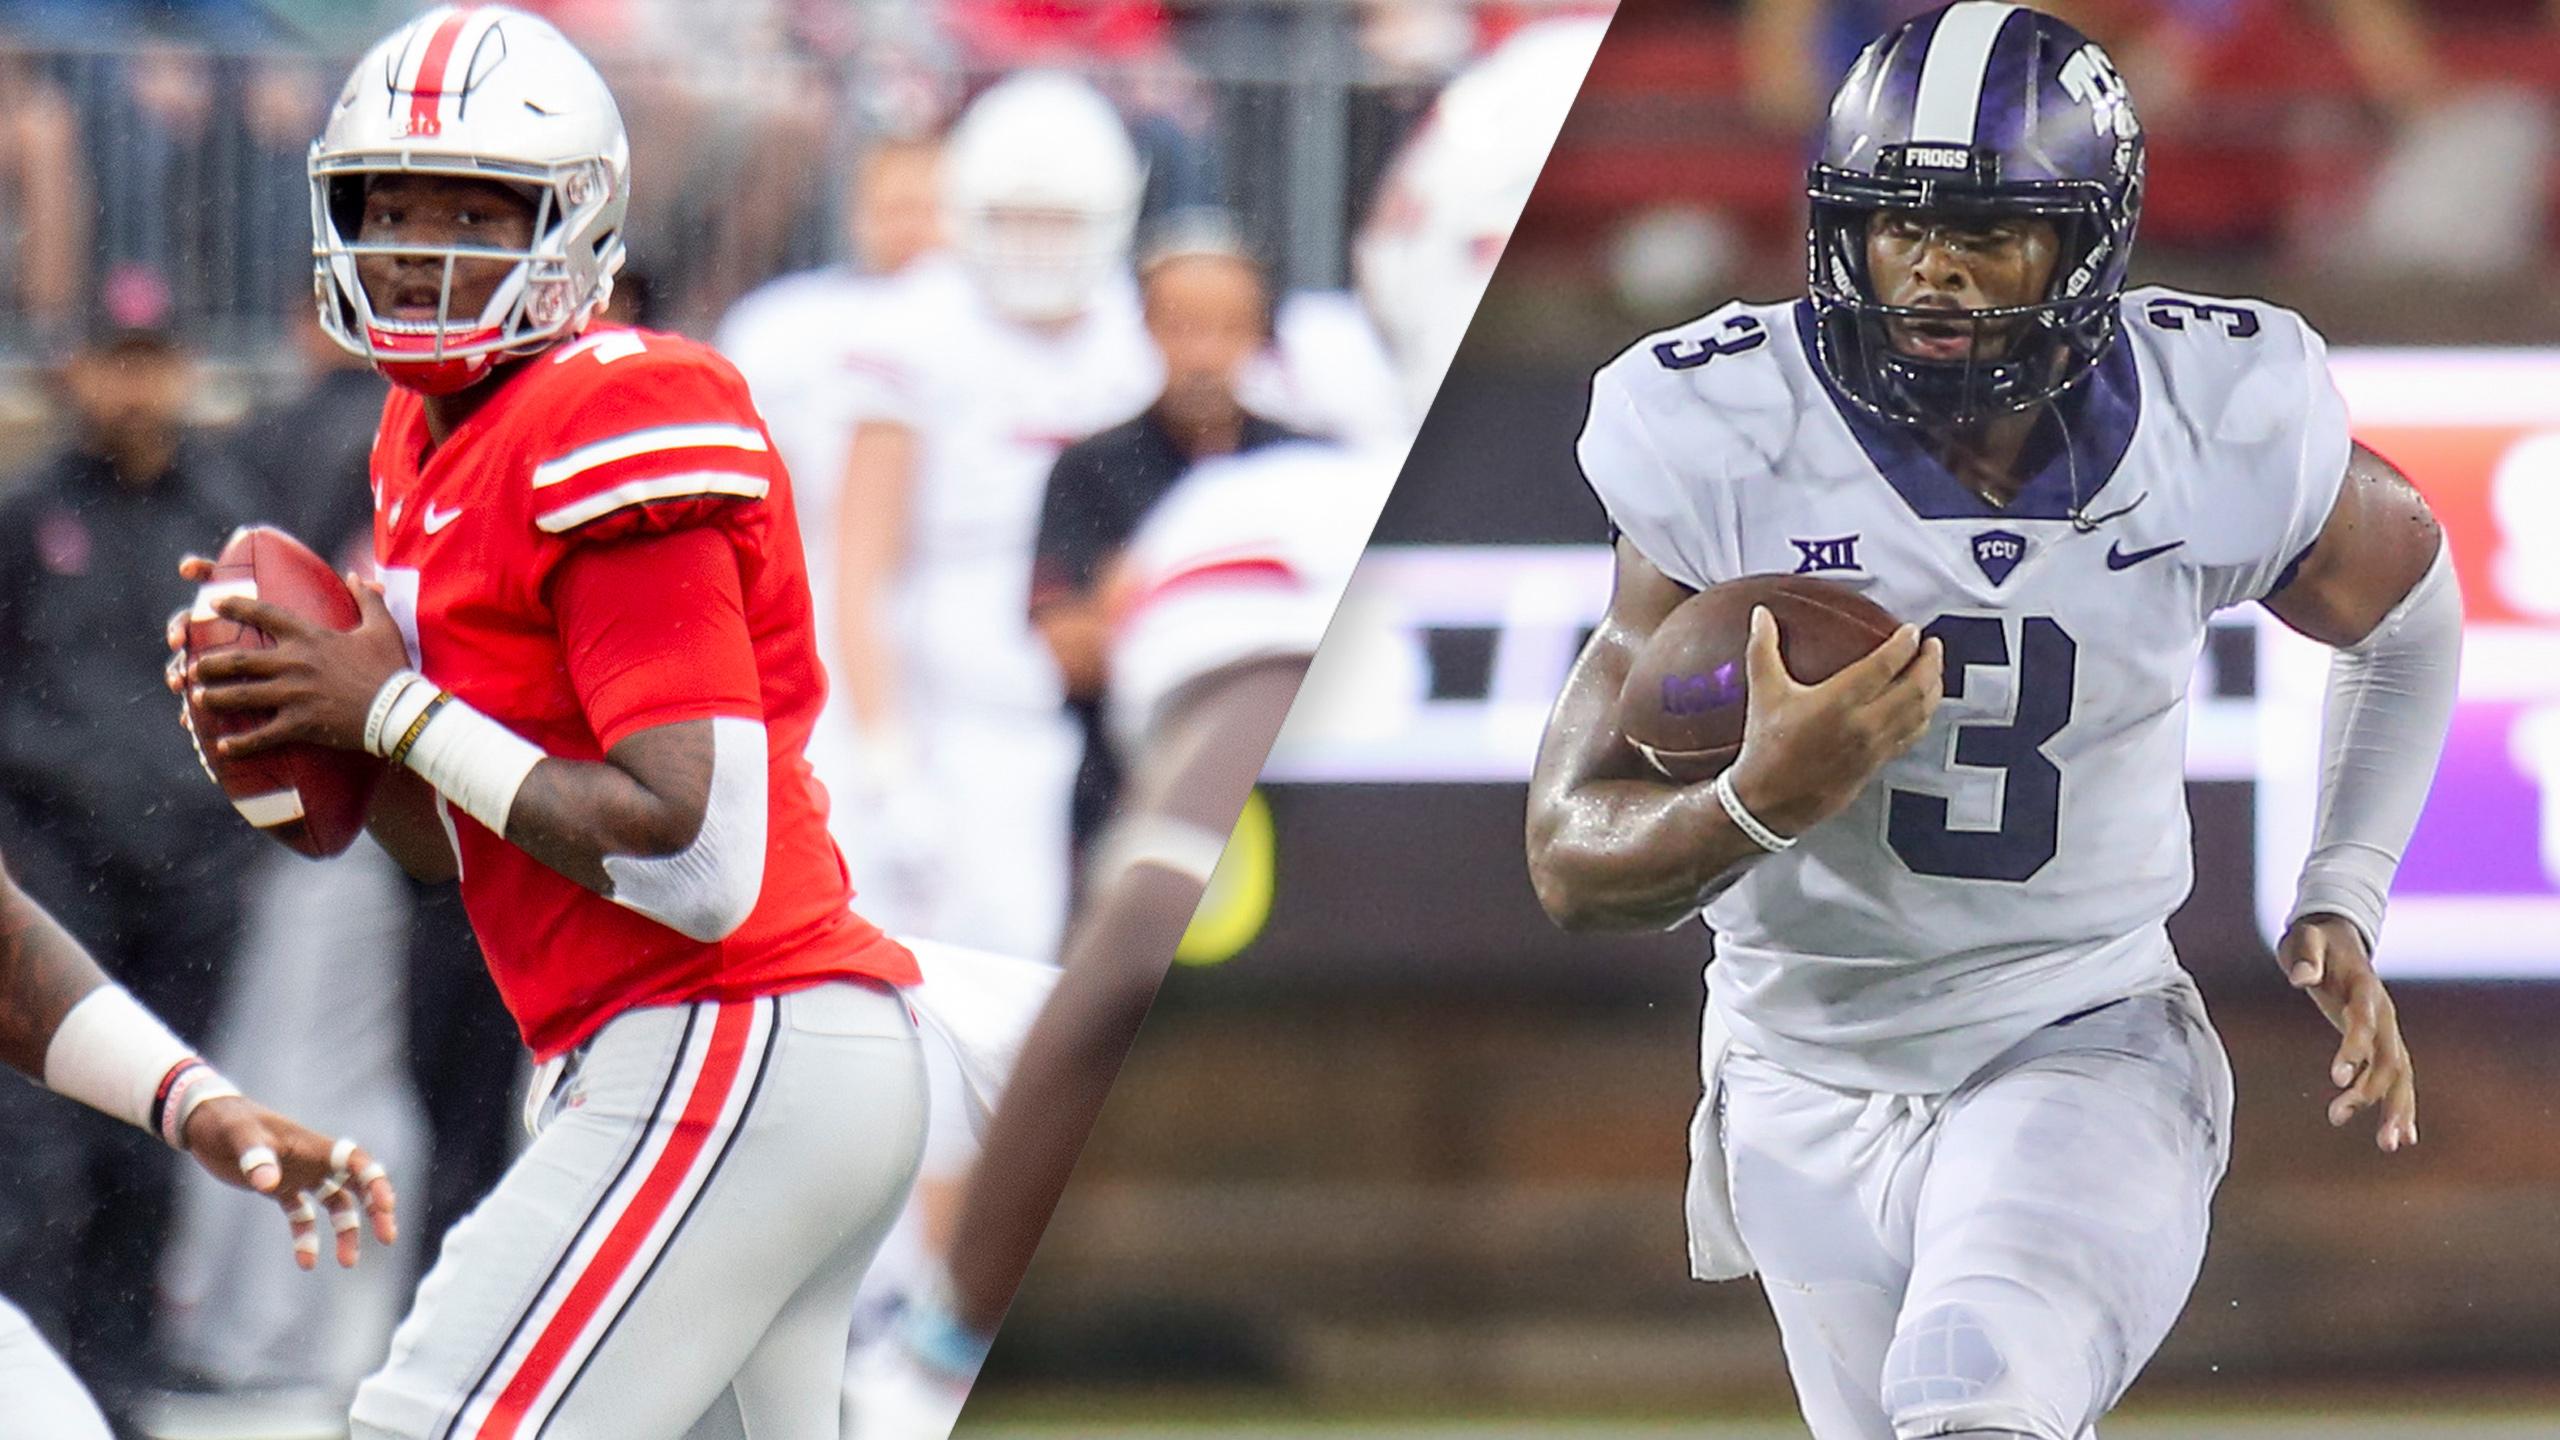 #4 Ohio State vs. #15 TCU (Football) (re-air)